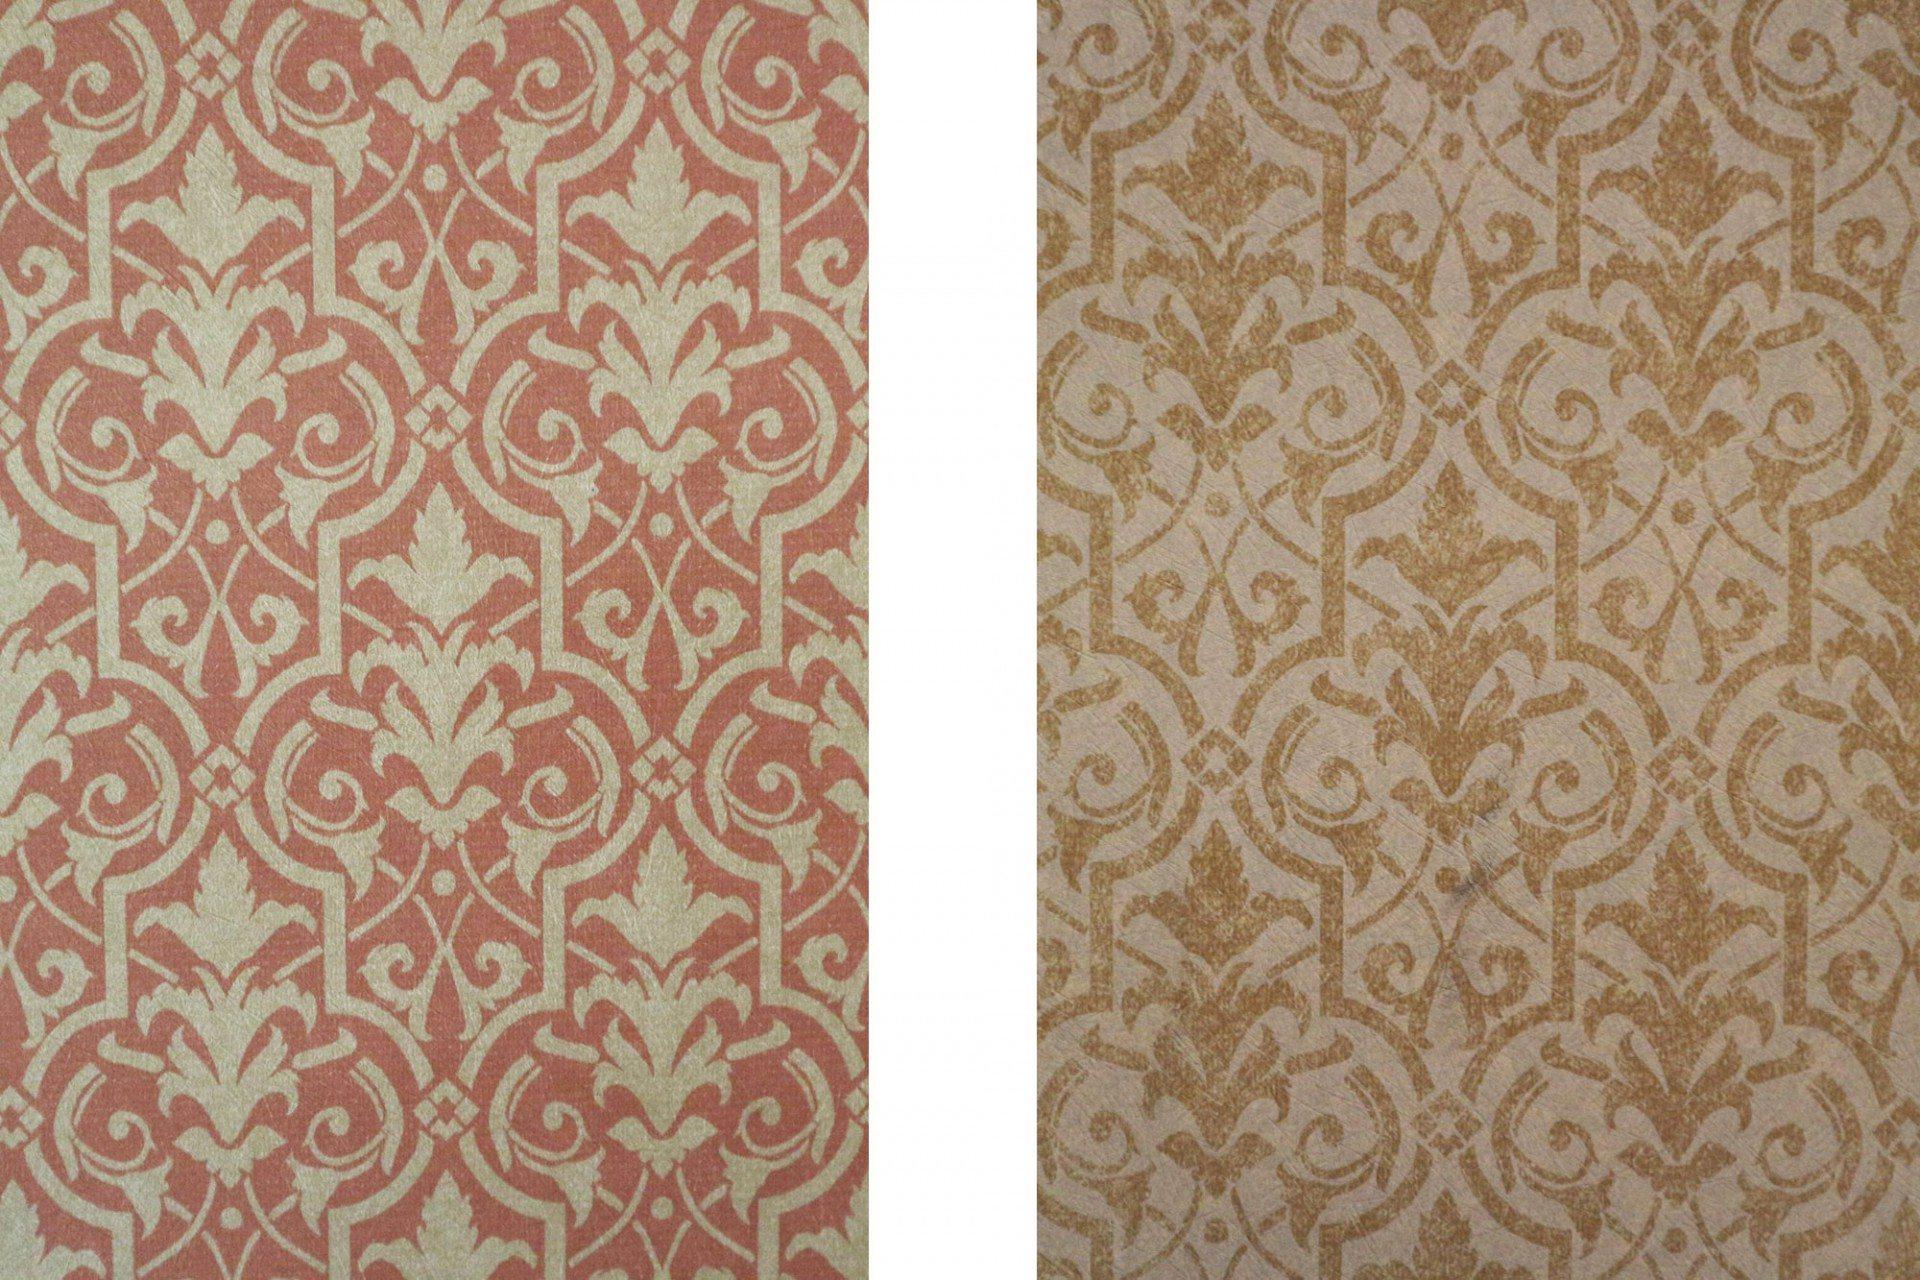 Textil.  Die Wände sind mit fein gemusterten Stoffen bespannt.